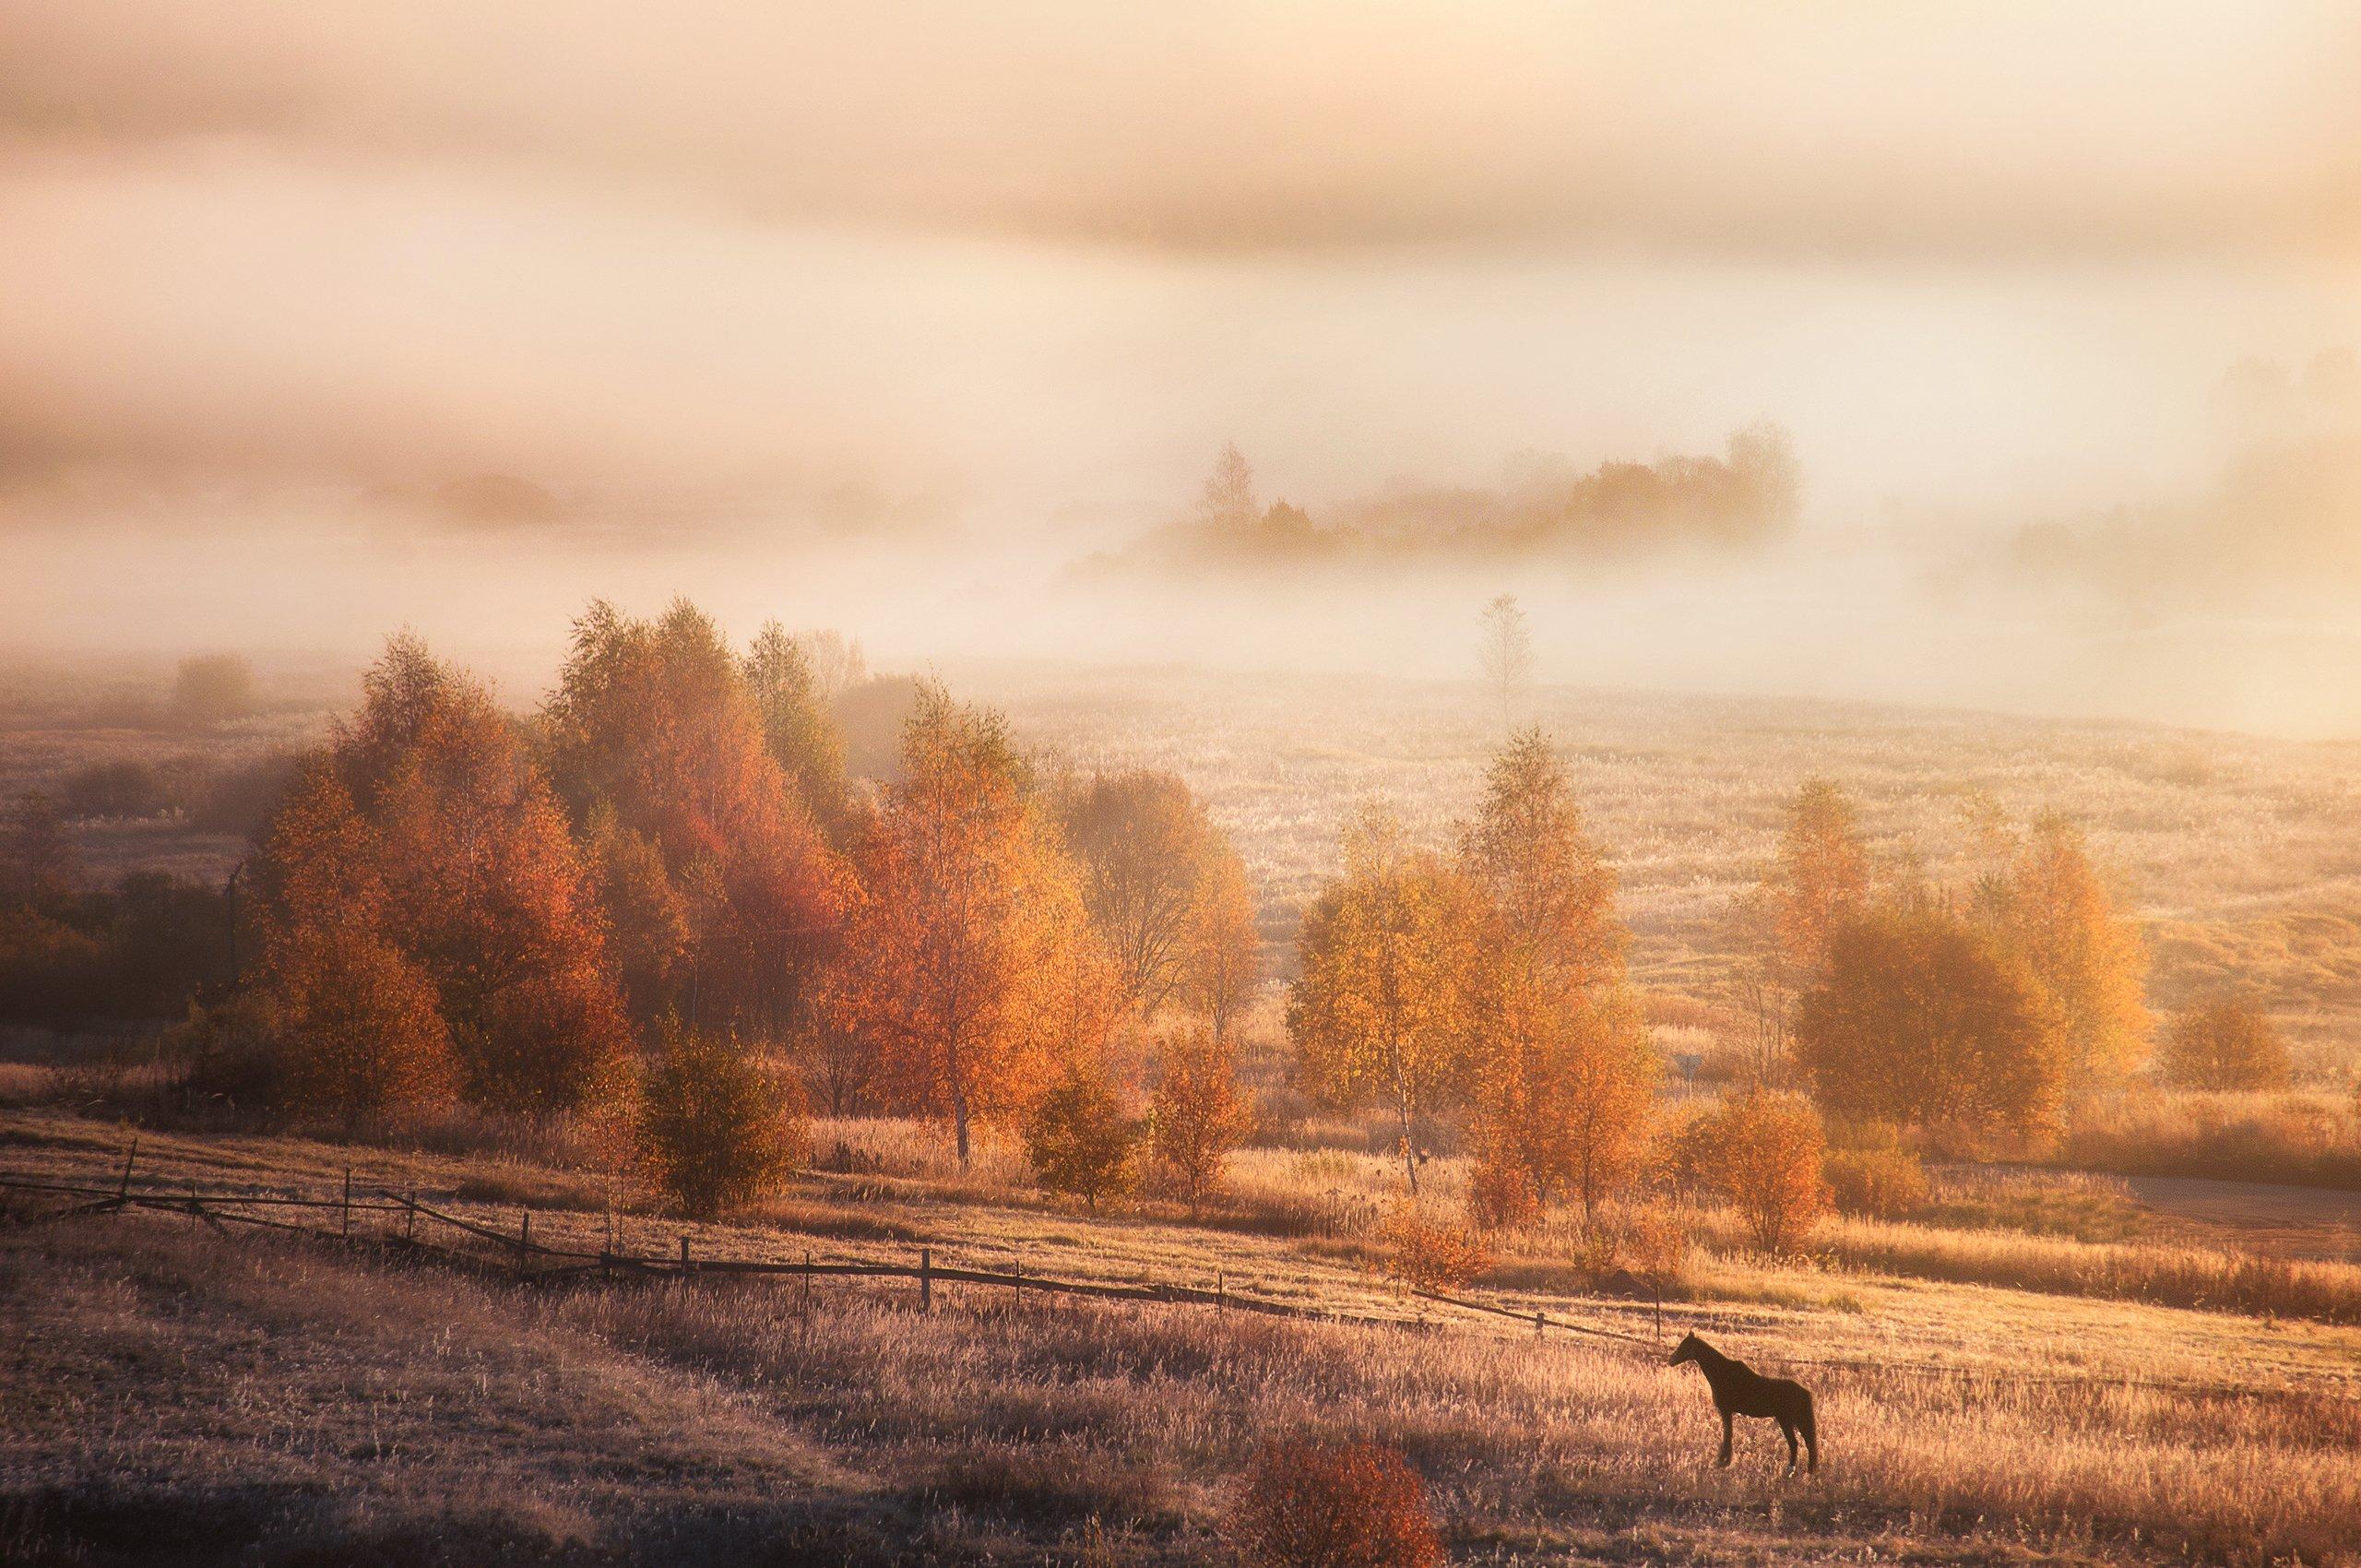 осень, природа, пейзаж, солнце, туман, лошадь, рассвет, утро, autumn, nature, landscape, sun, fog, horse, dawn, morning, Алексей Сергованцев